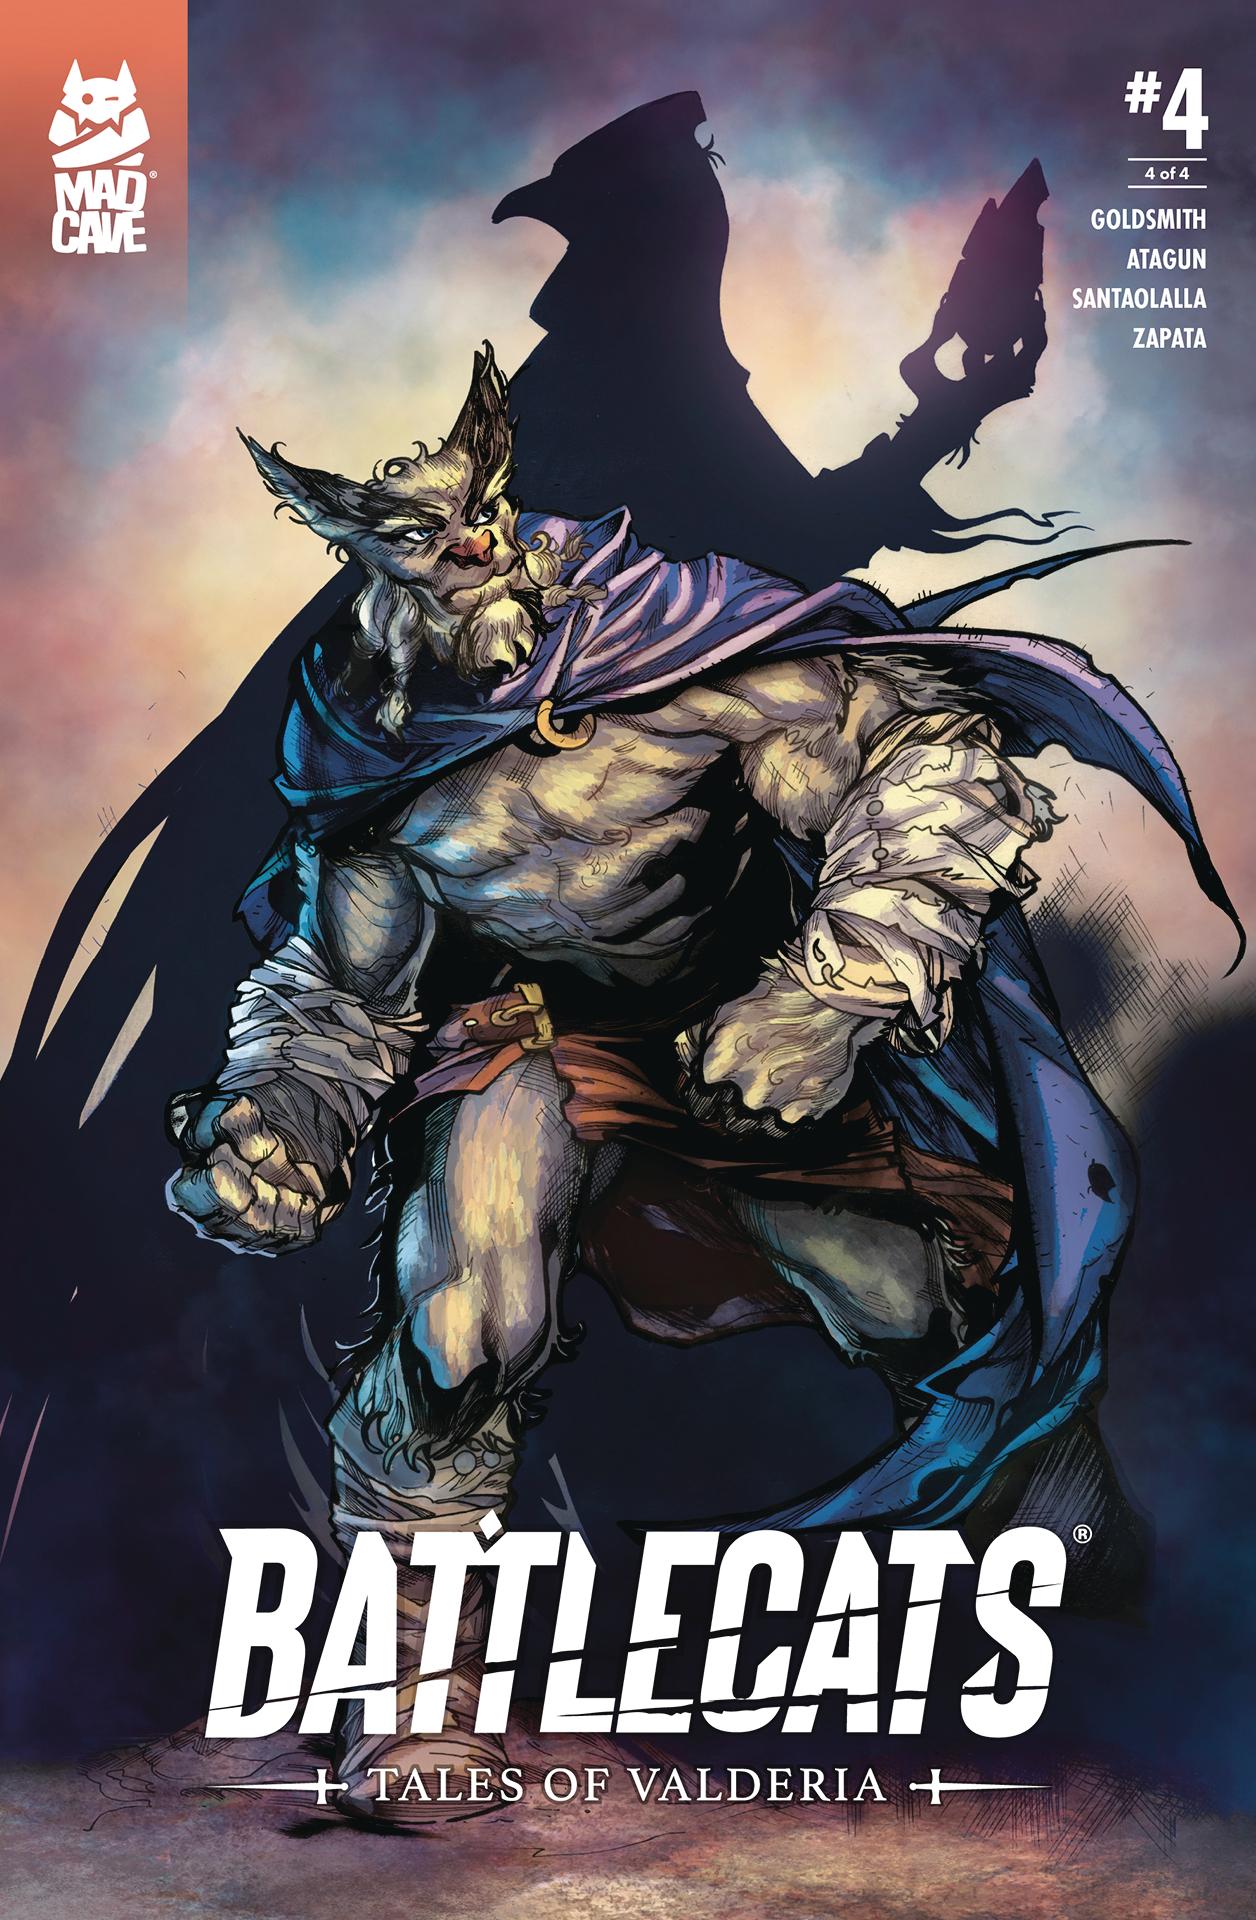 BATTLECATS TALES OF VALDERIA #4 (OF 4)